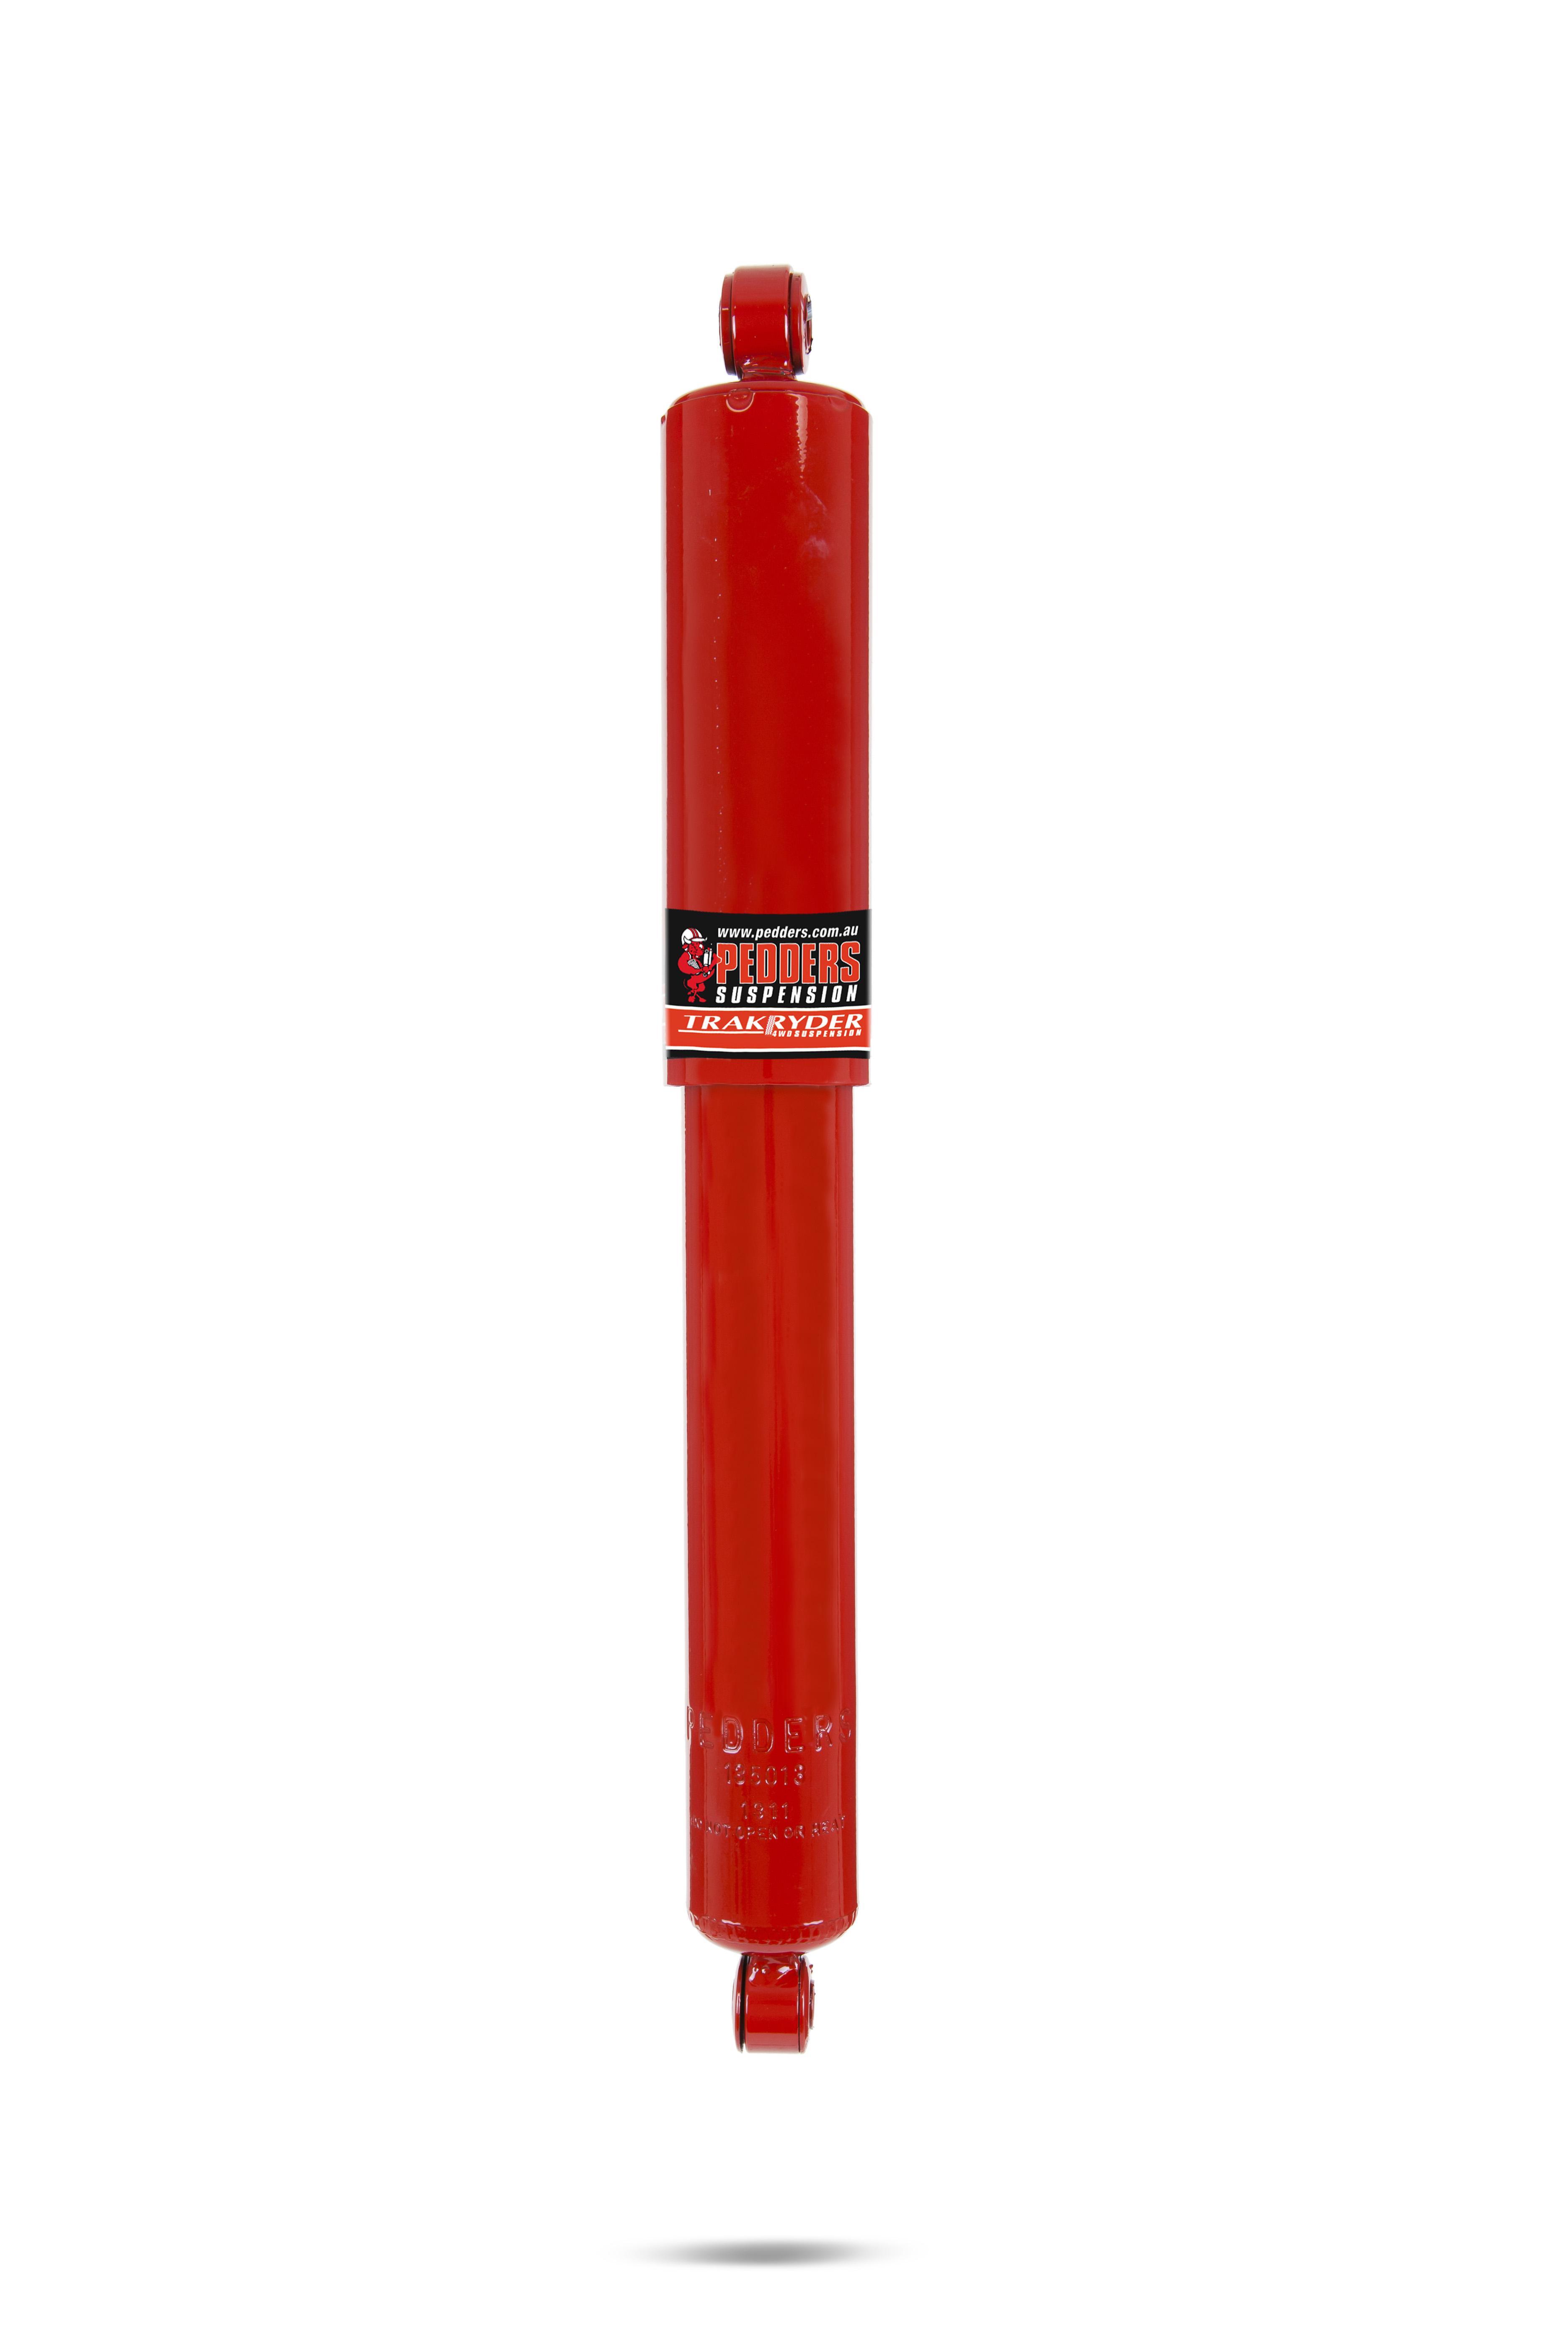 Pedders Trakryder 35mm Steering Damper 135013